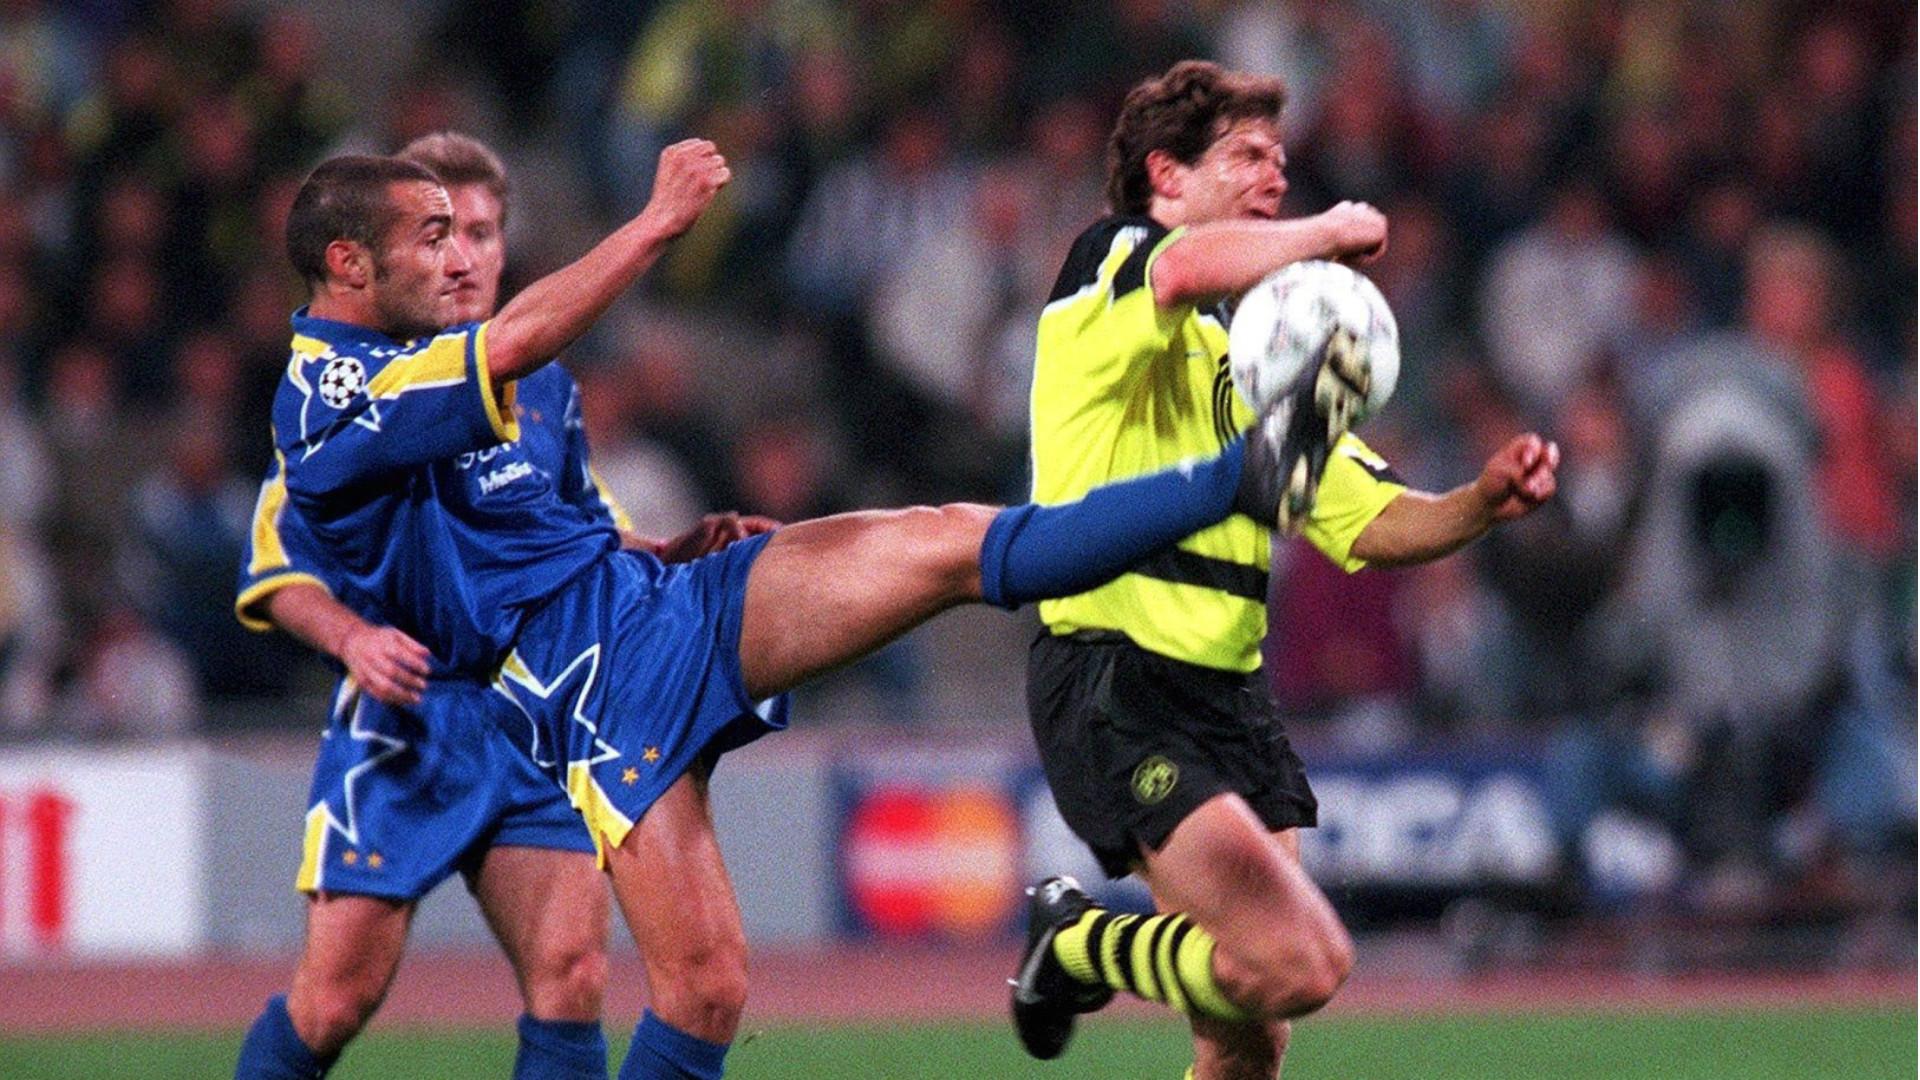 Image Result For Vivo Borussia Dortmund Vs Atalanta En Vivo Fifa